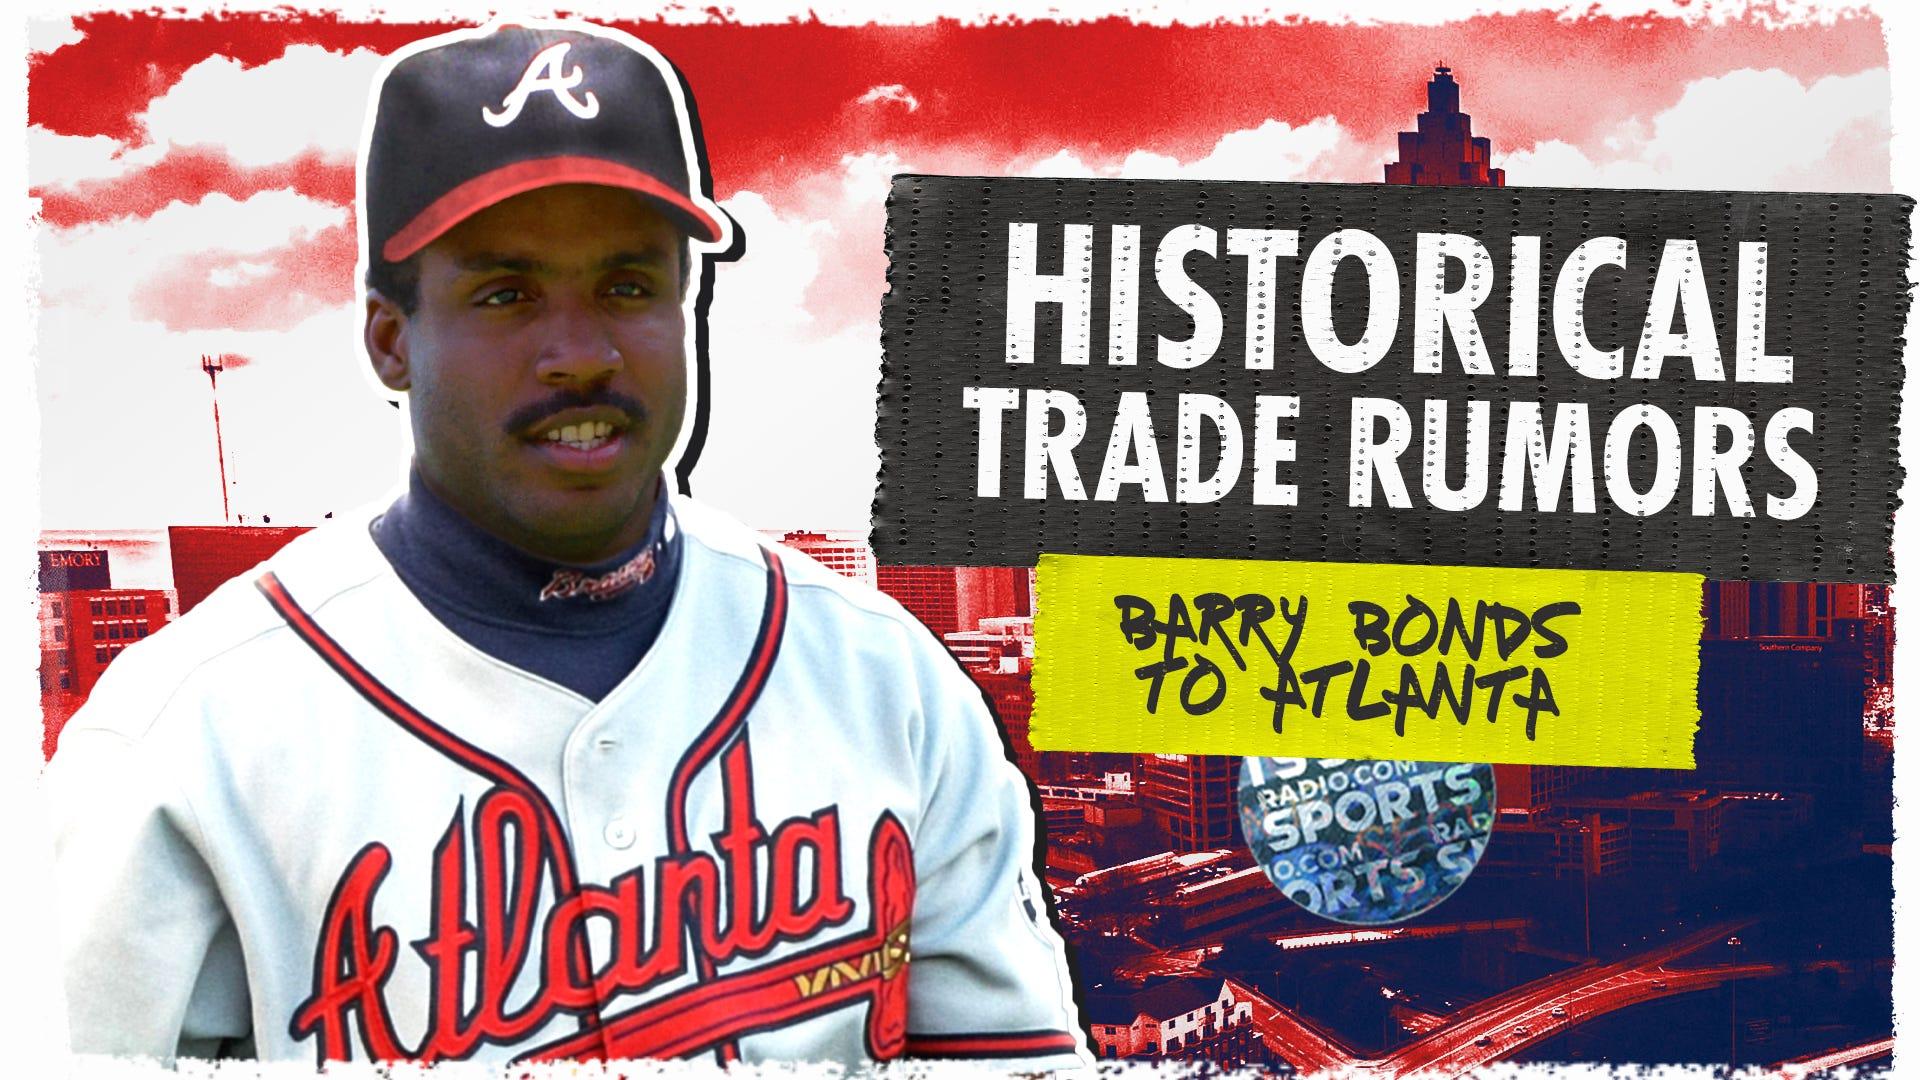 Atlanta braves rumors